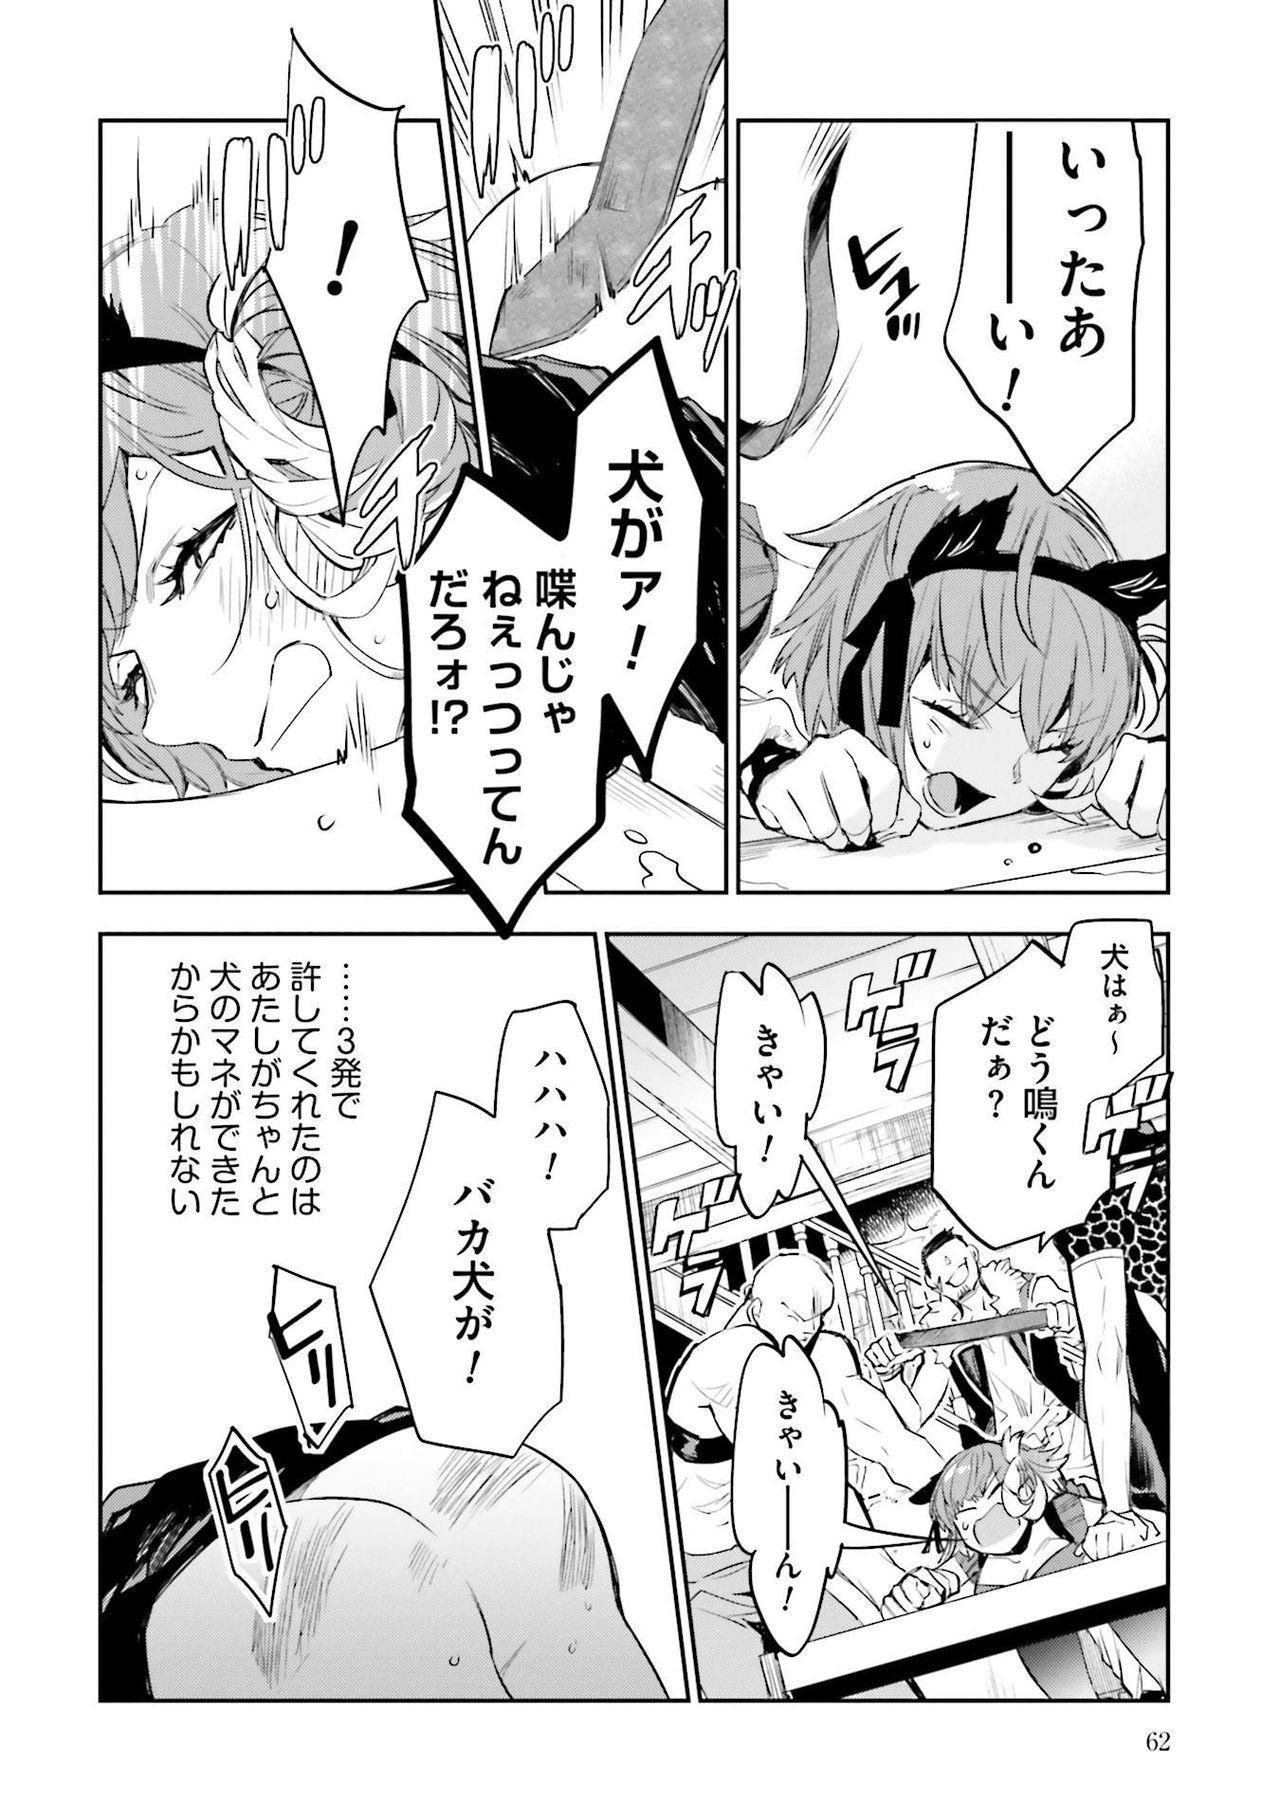 JK Haru wa Isekai de Shoufu ni Natta 1-14 250